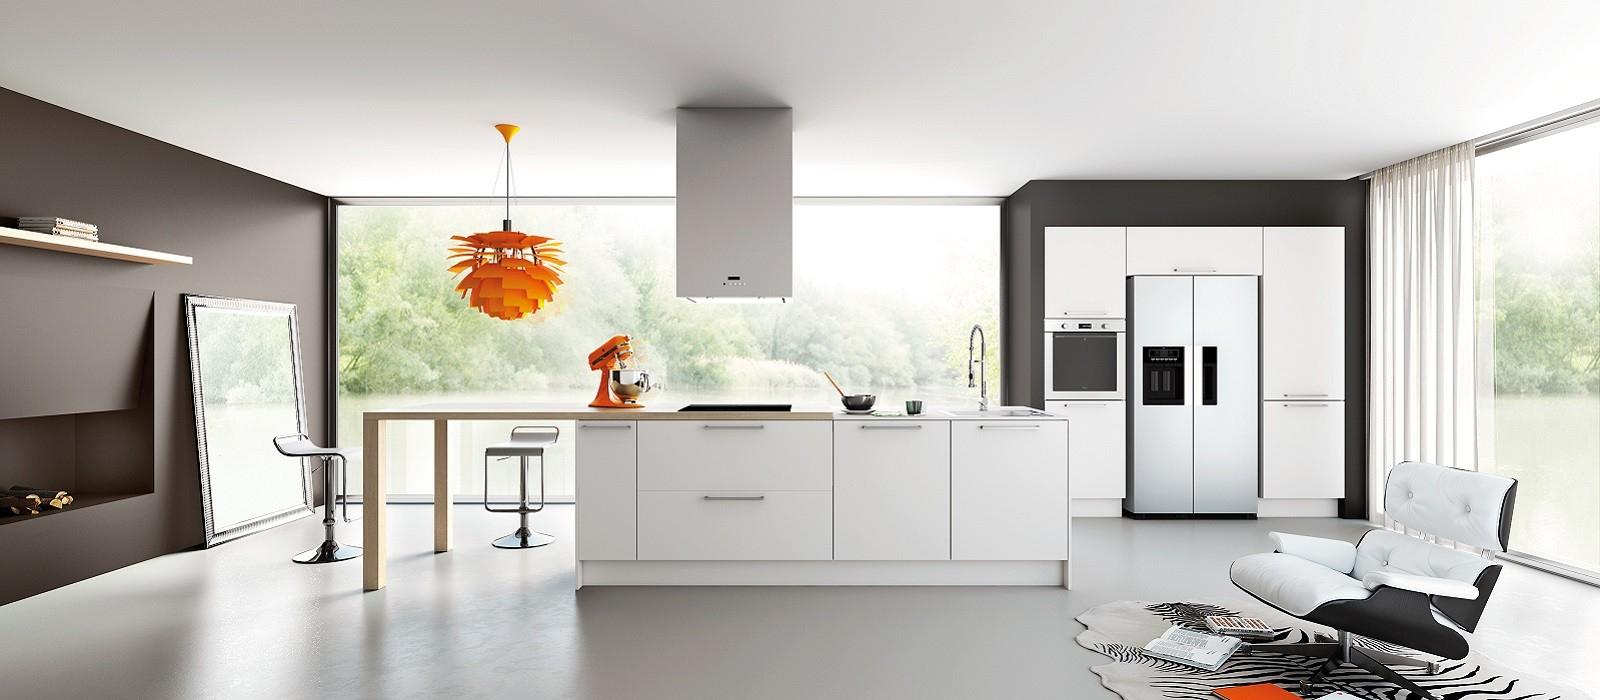 Fabriquer Un Ilot Central Table Frais Galerie Ilot Central Pour Cuisine 31 Ambiance Patchwork